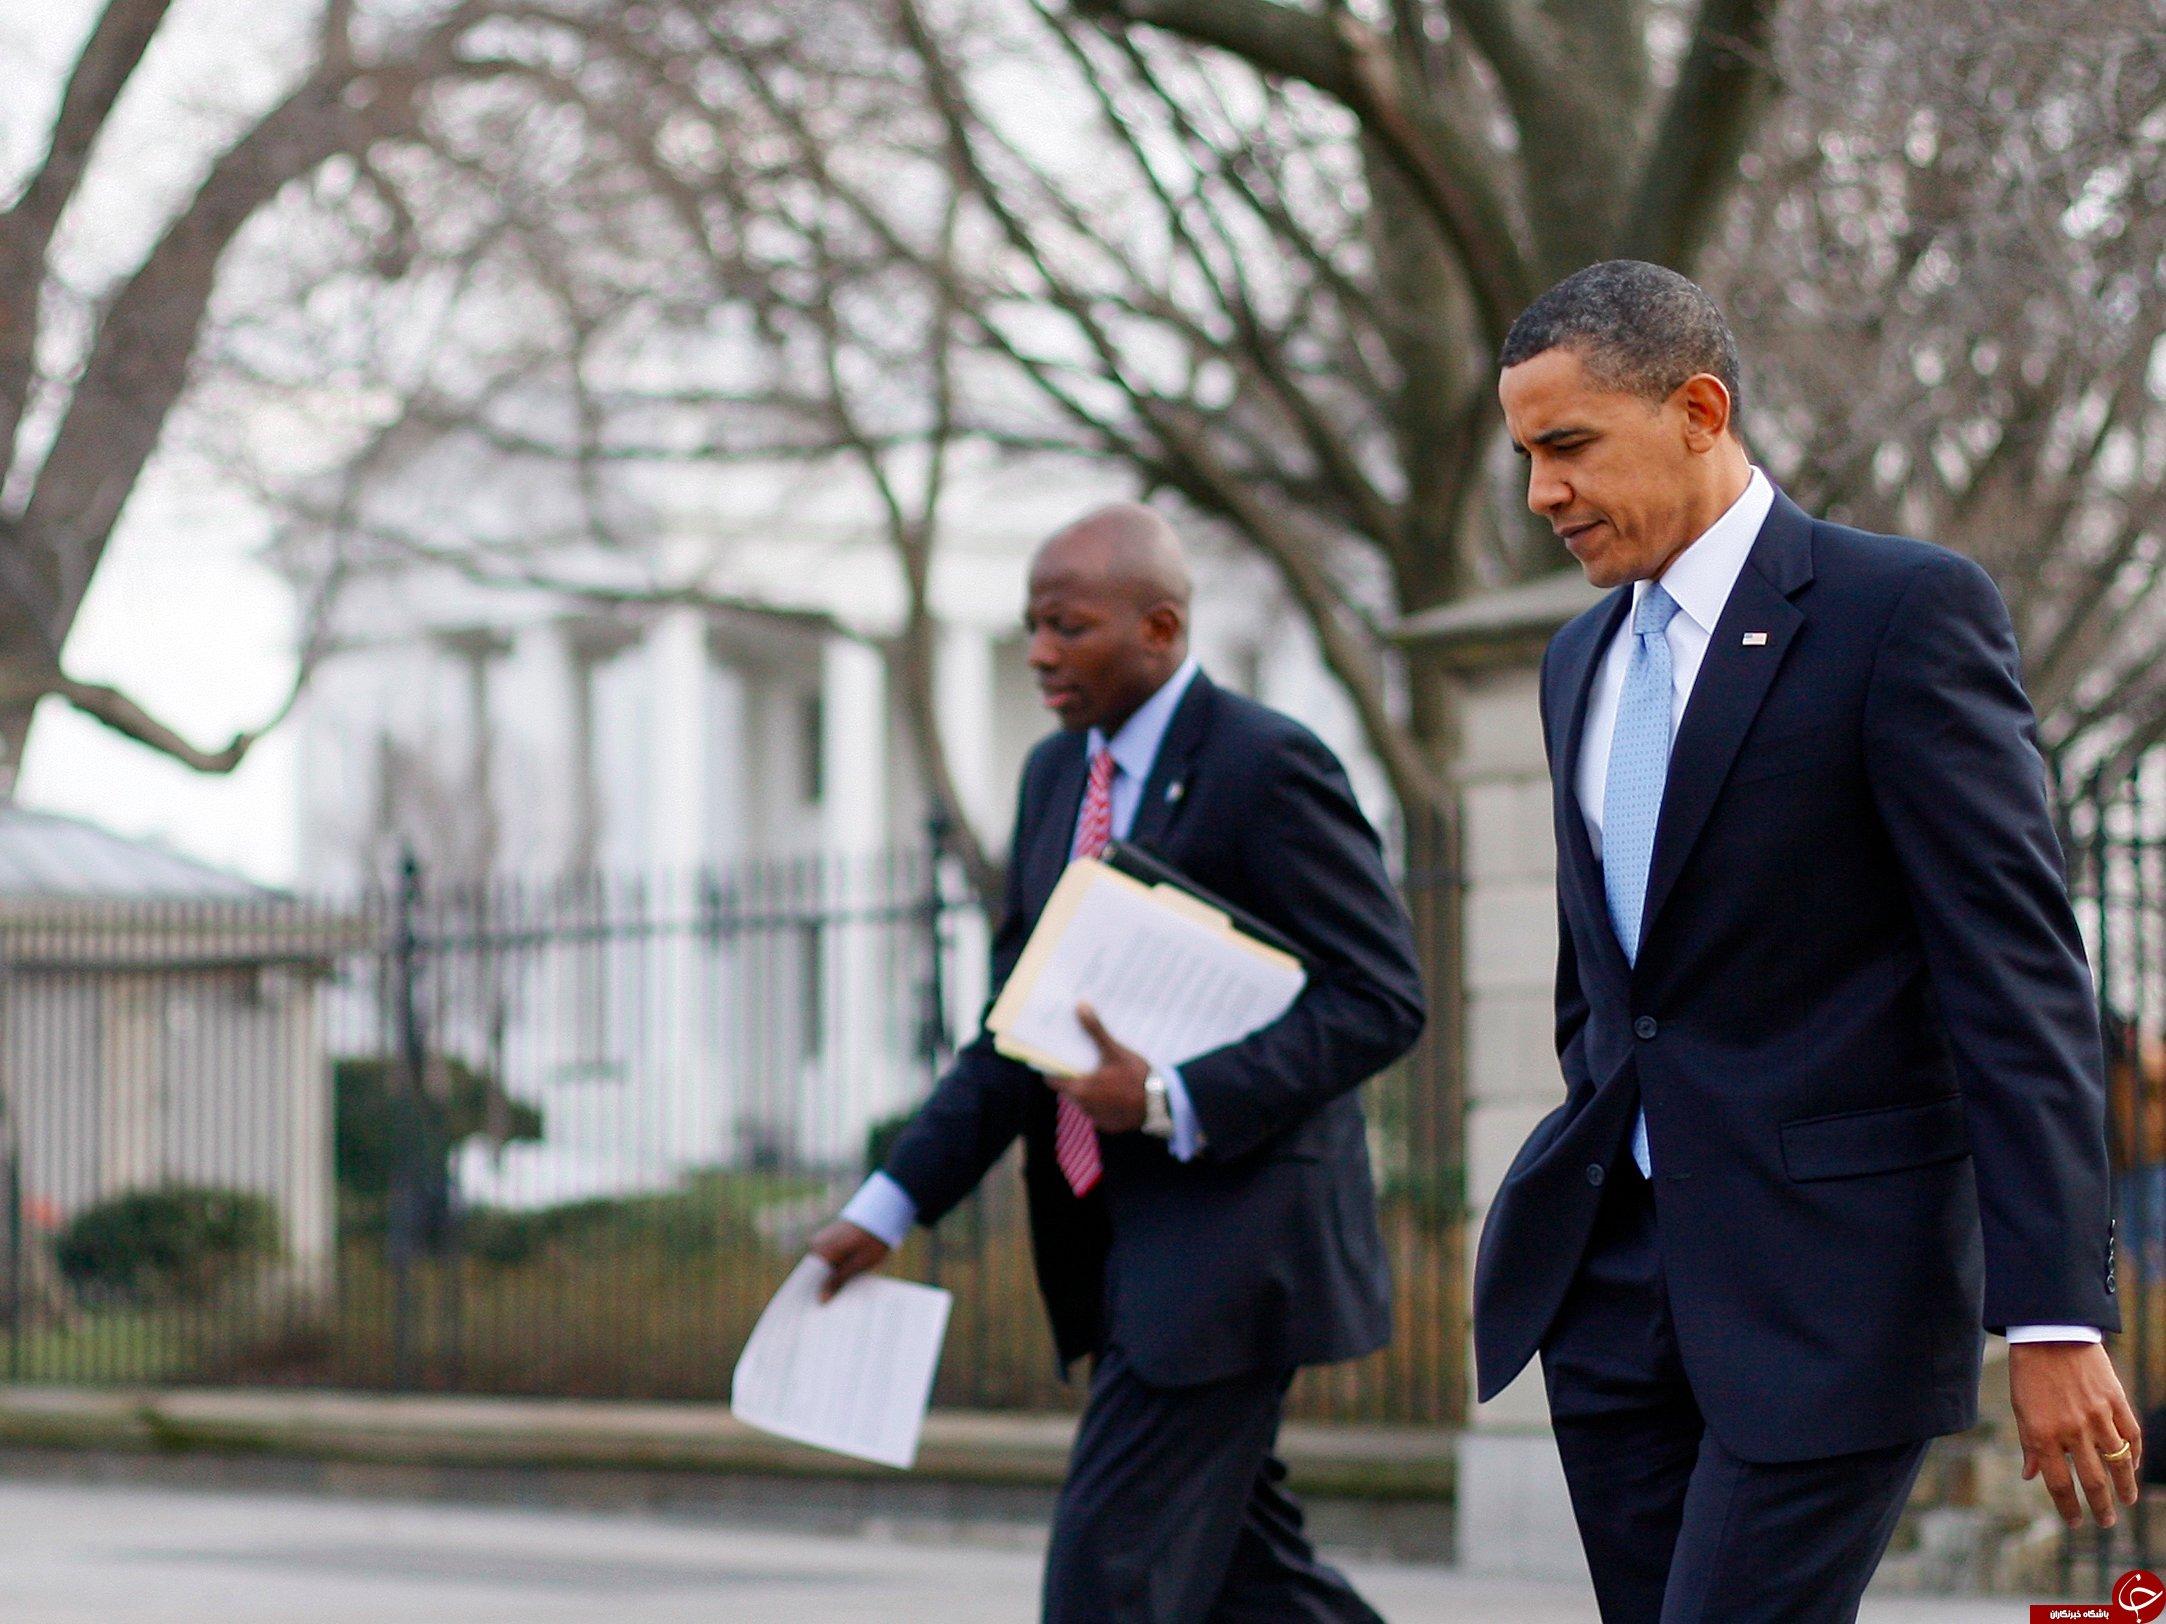 اوباما پیش از ریاست جمهوری چه می پوشید؟/اوباما: تا قبل از ورود به کاخ سفید فقط 4 کُت داشتم! +تصاویر